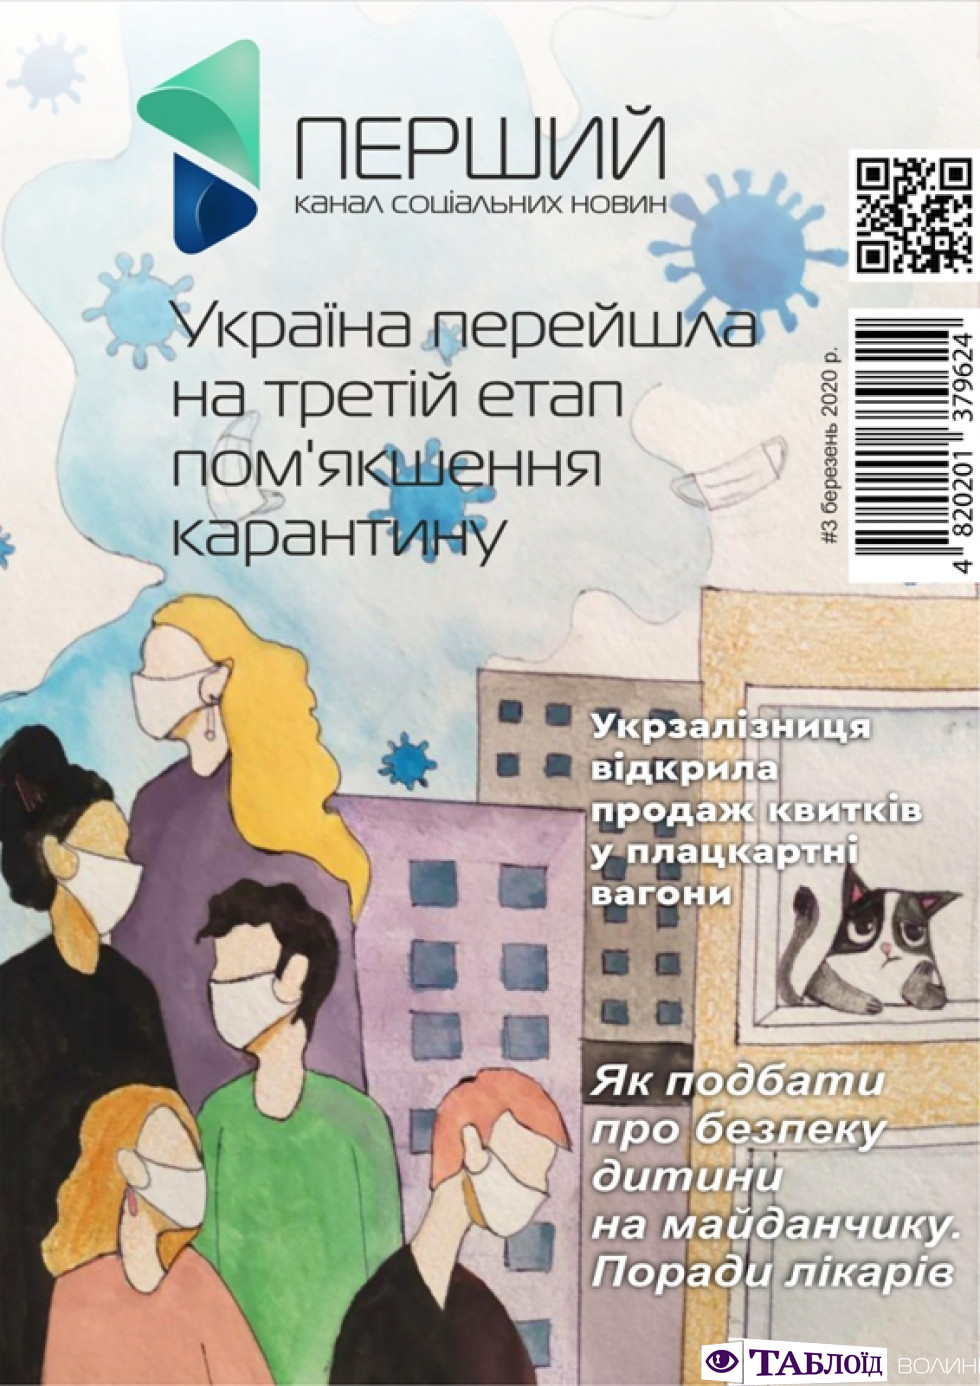 «Перший. Авторка: Анжела Головенко